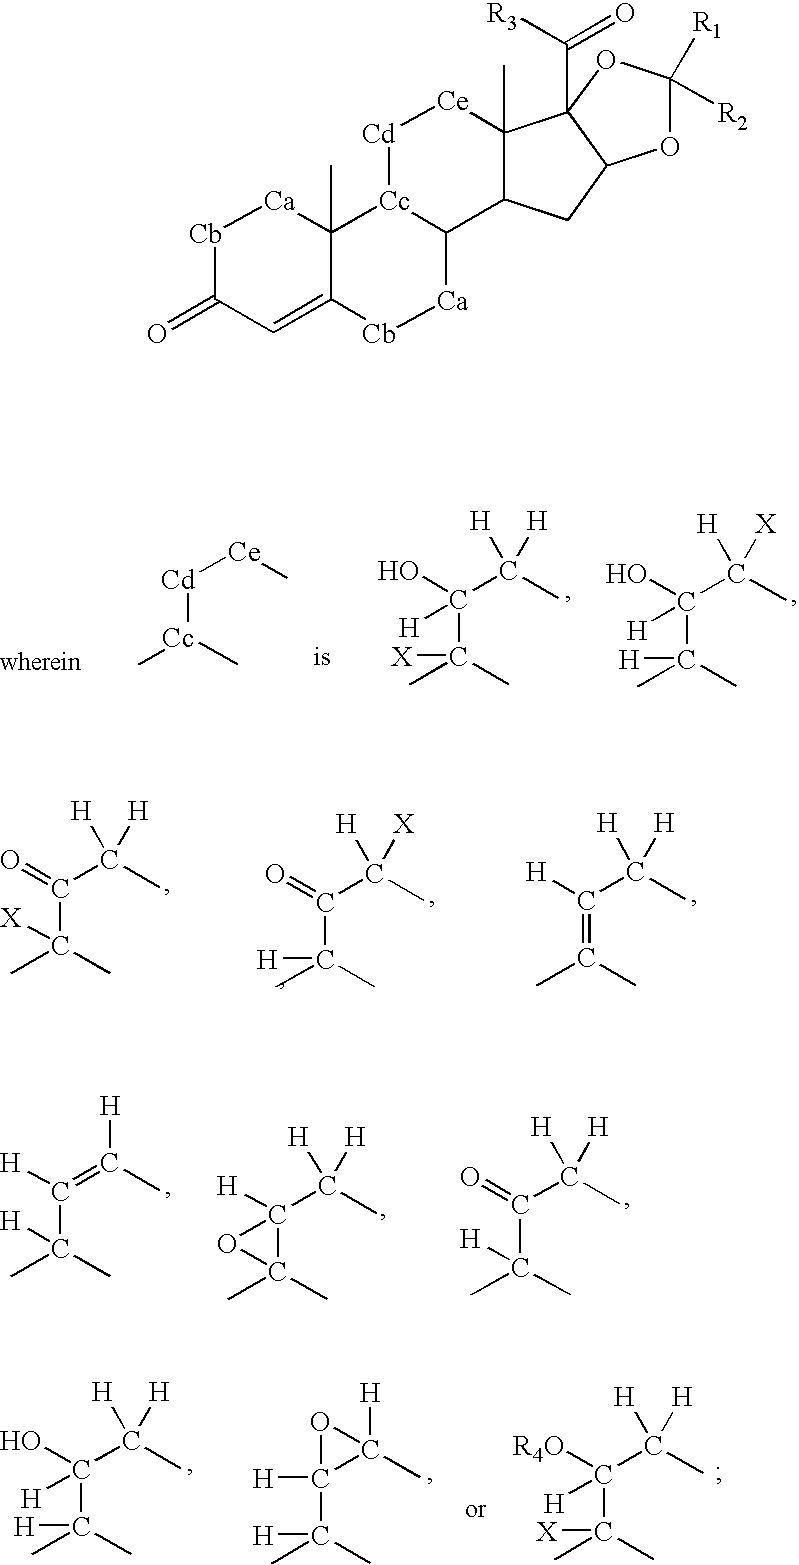 Figure US20050124594A1-20050609-C00003